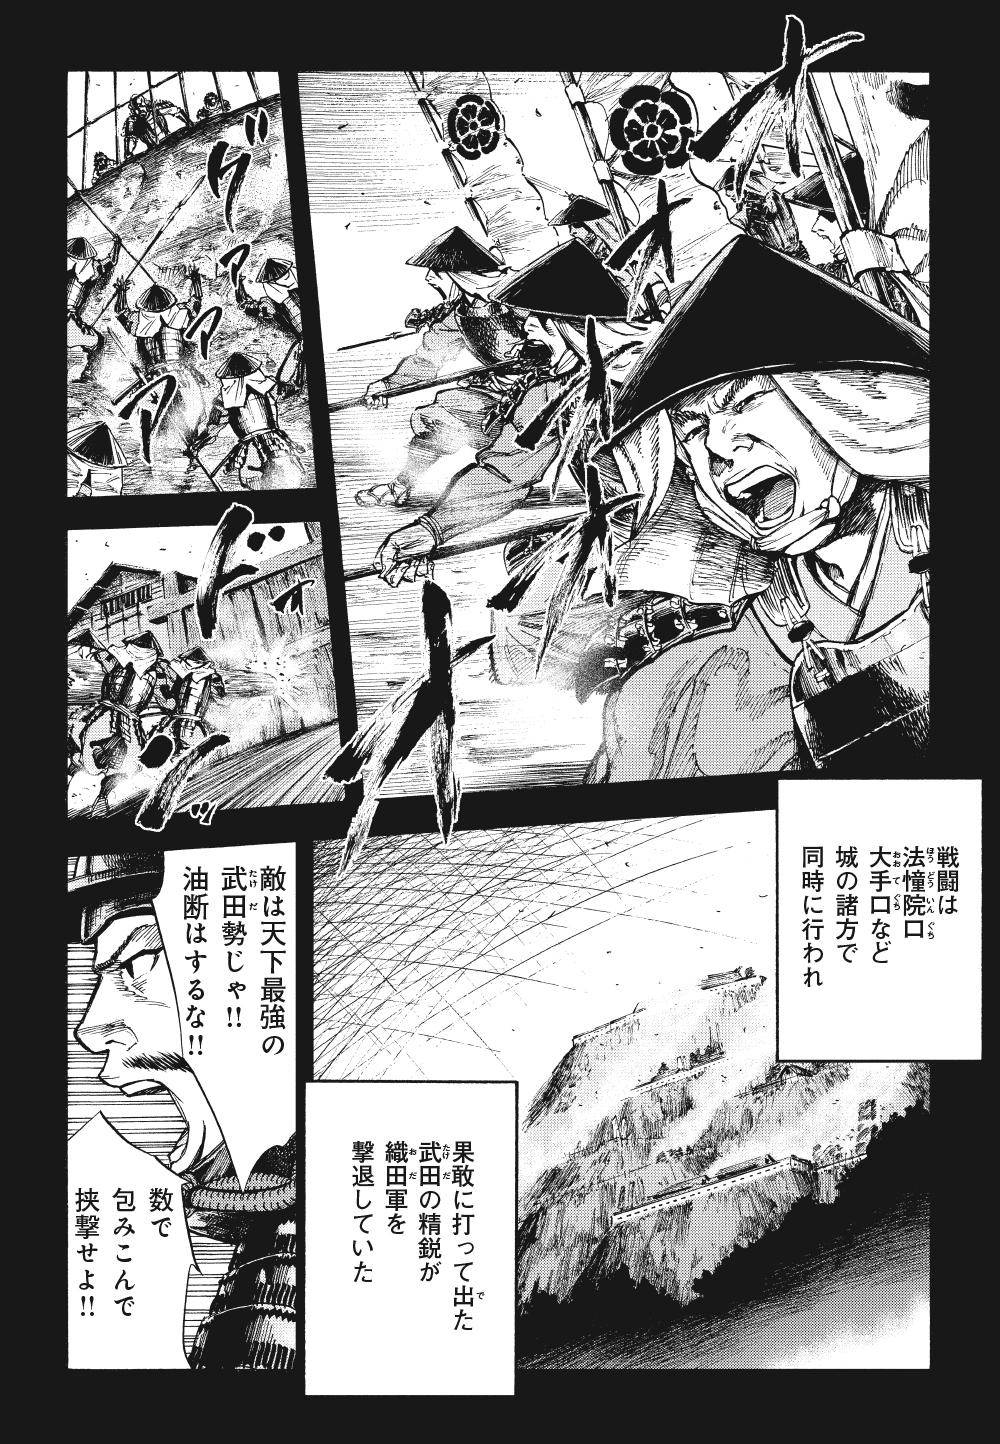 真田太平記 第2話「万死一生」sanada06-09.jpg